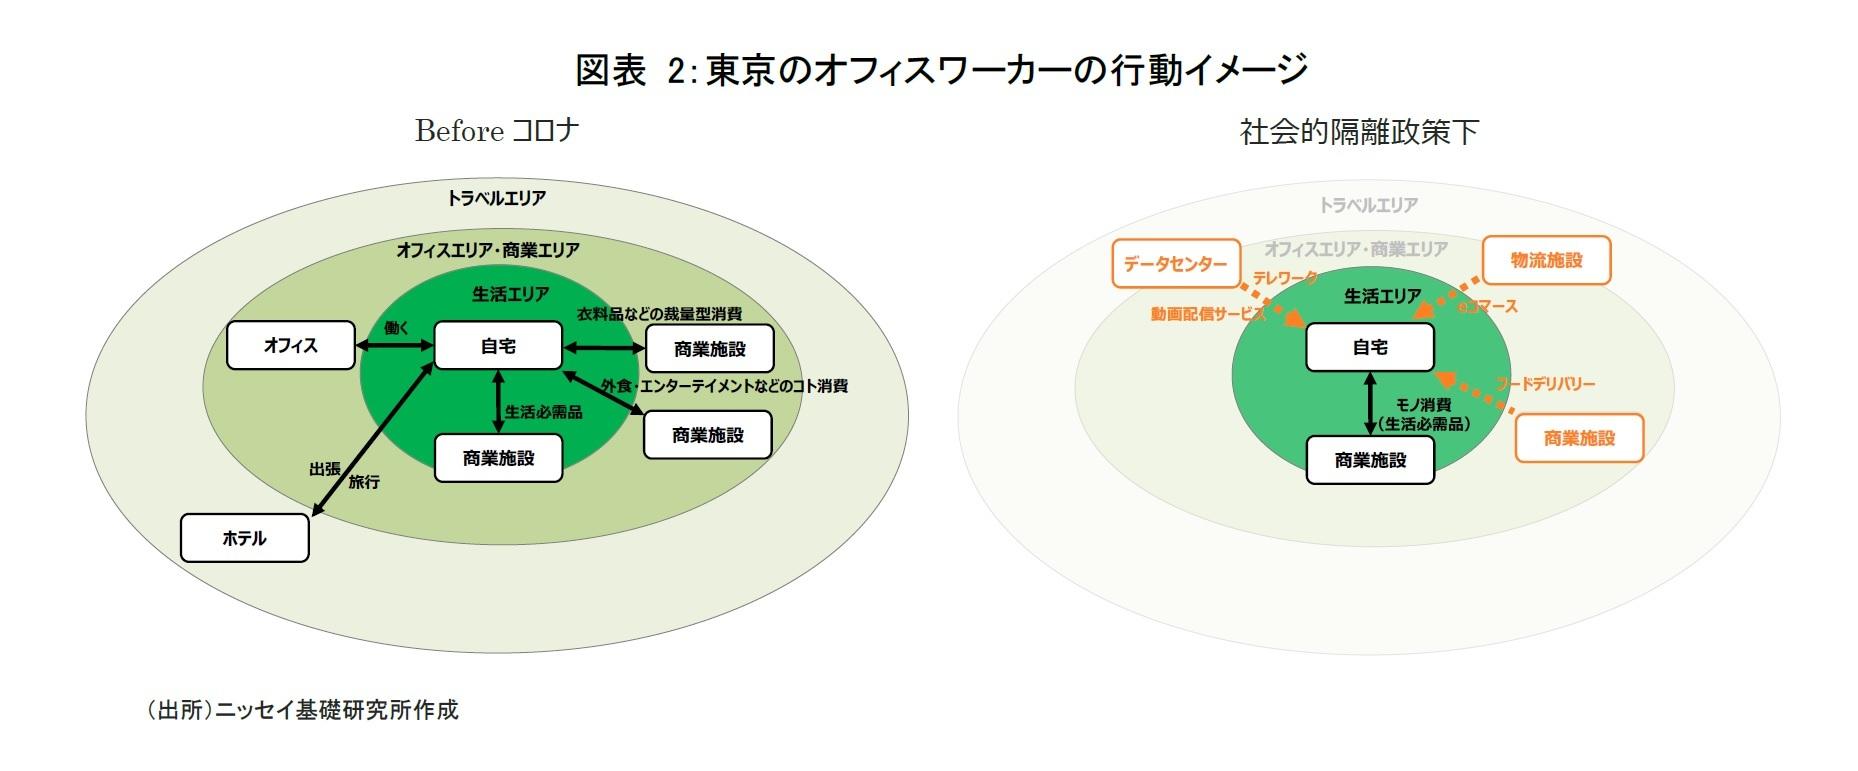 図表 2:東京のオフィスワーカーの行動イメージ